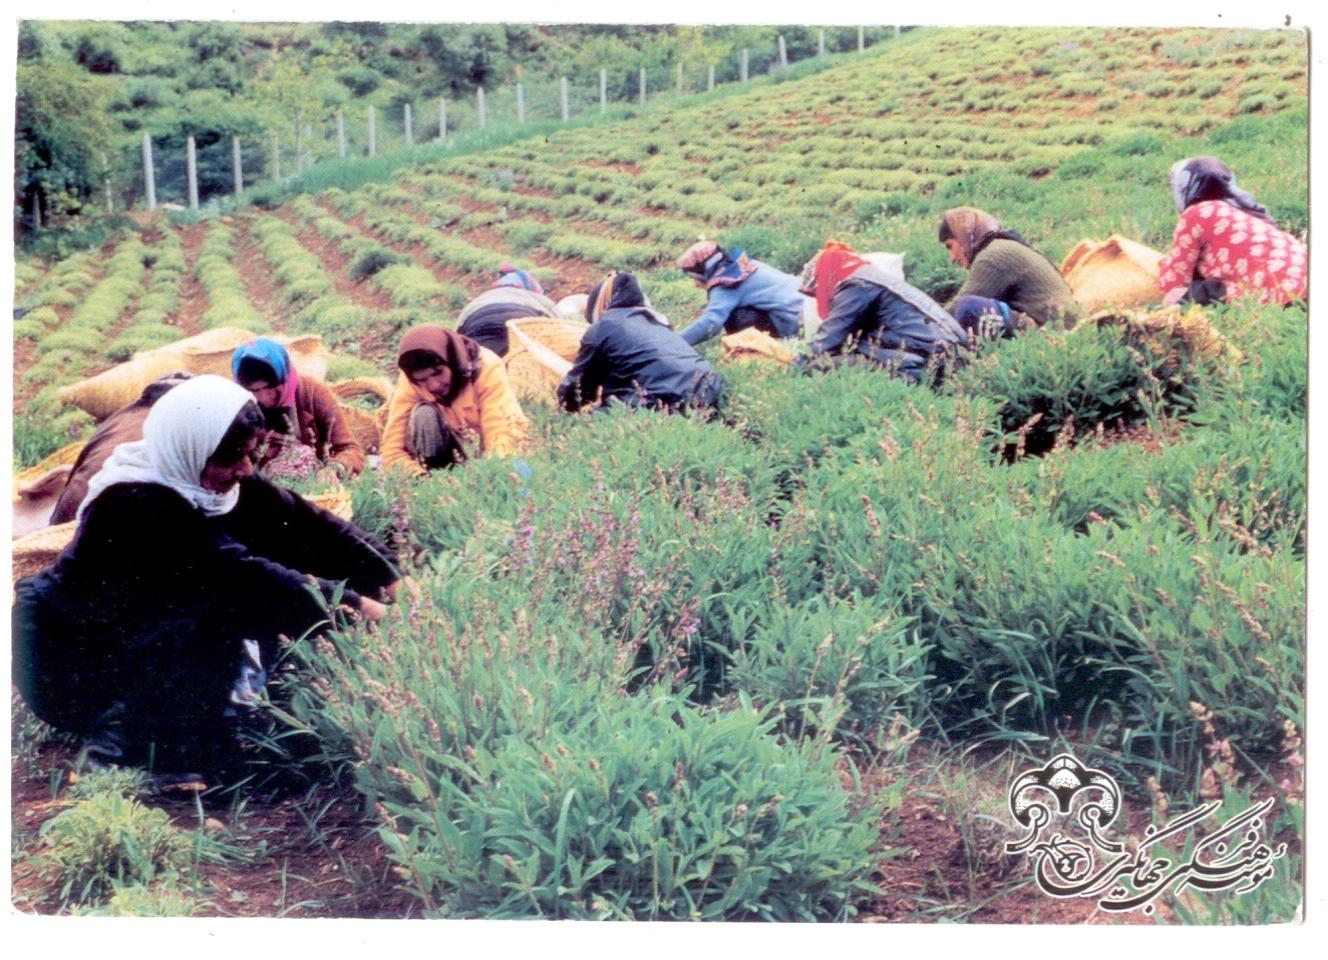 مزارع گیاهان داروئی